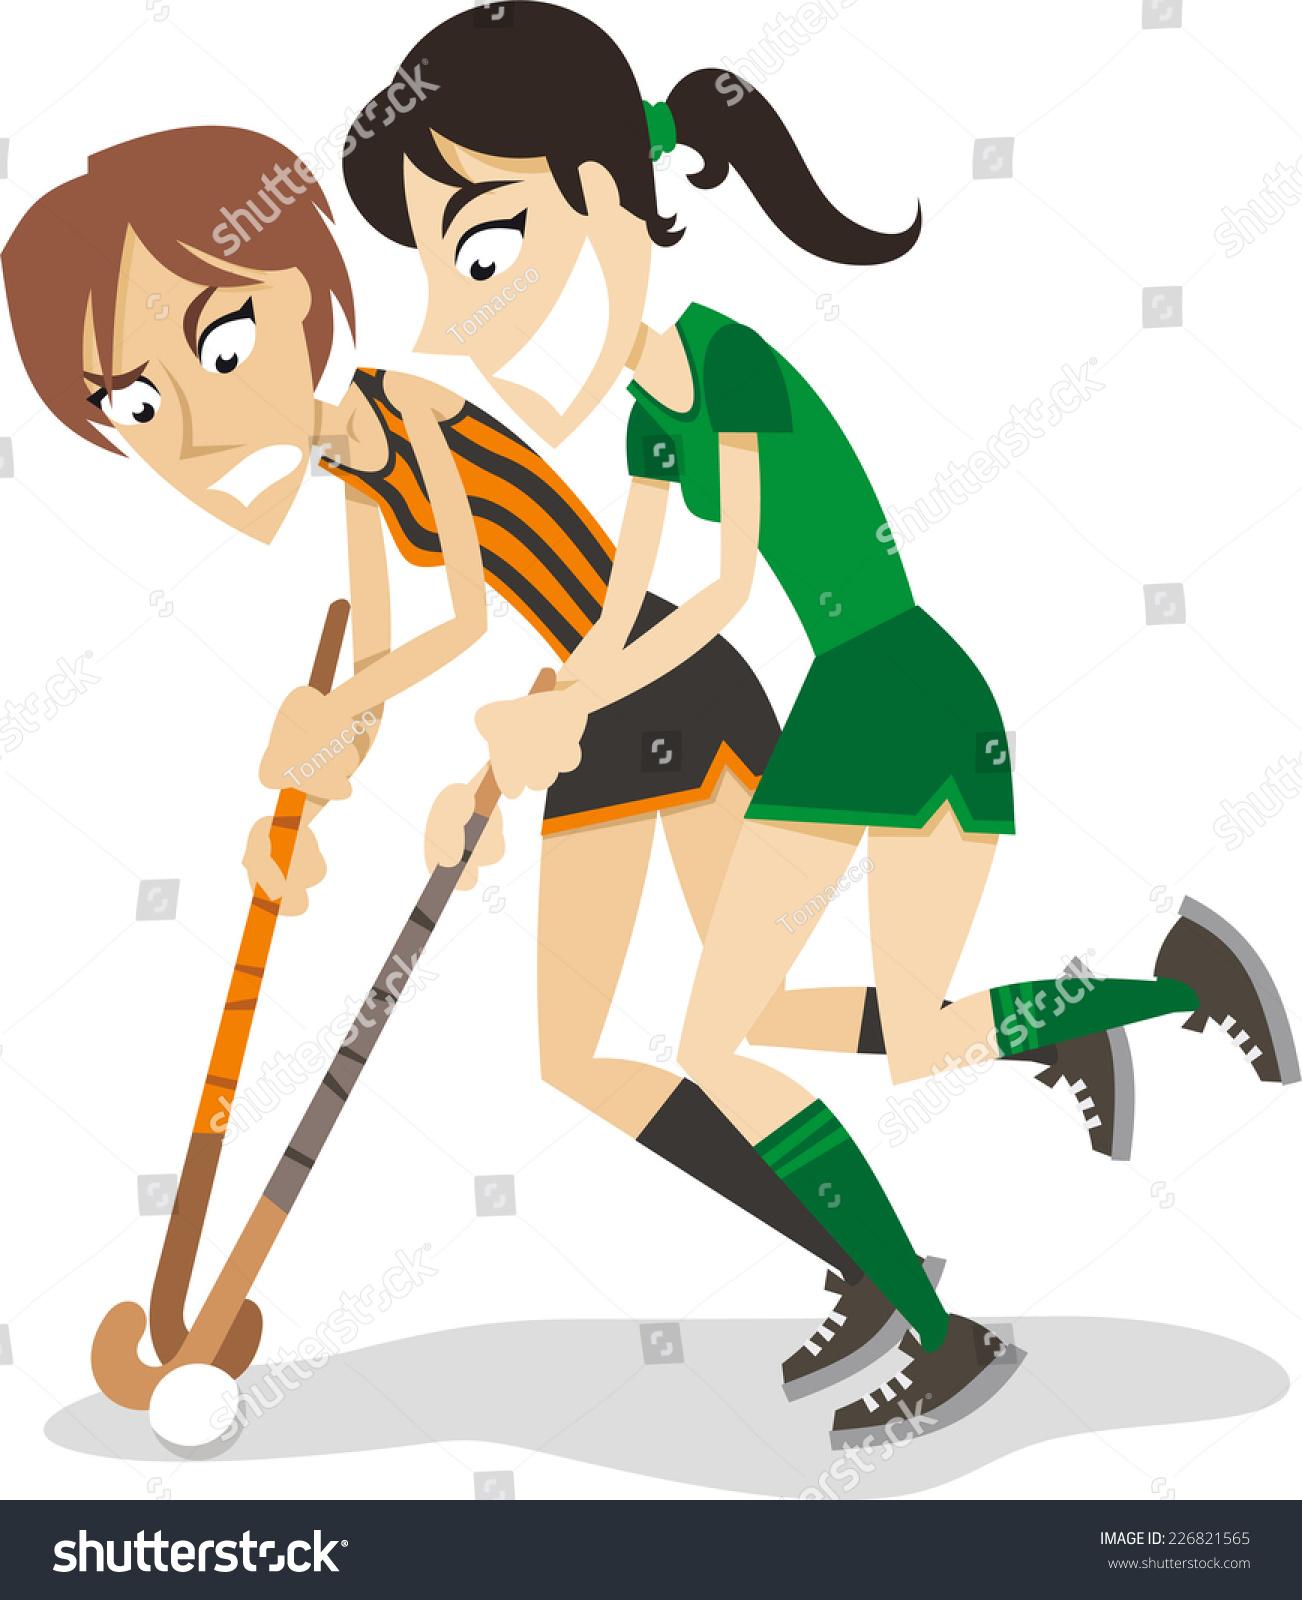 Women Hockey Players Cartoon Stock Vector Royalty Free 226821565